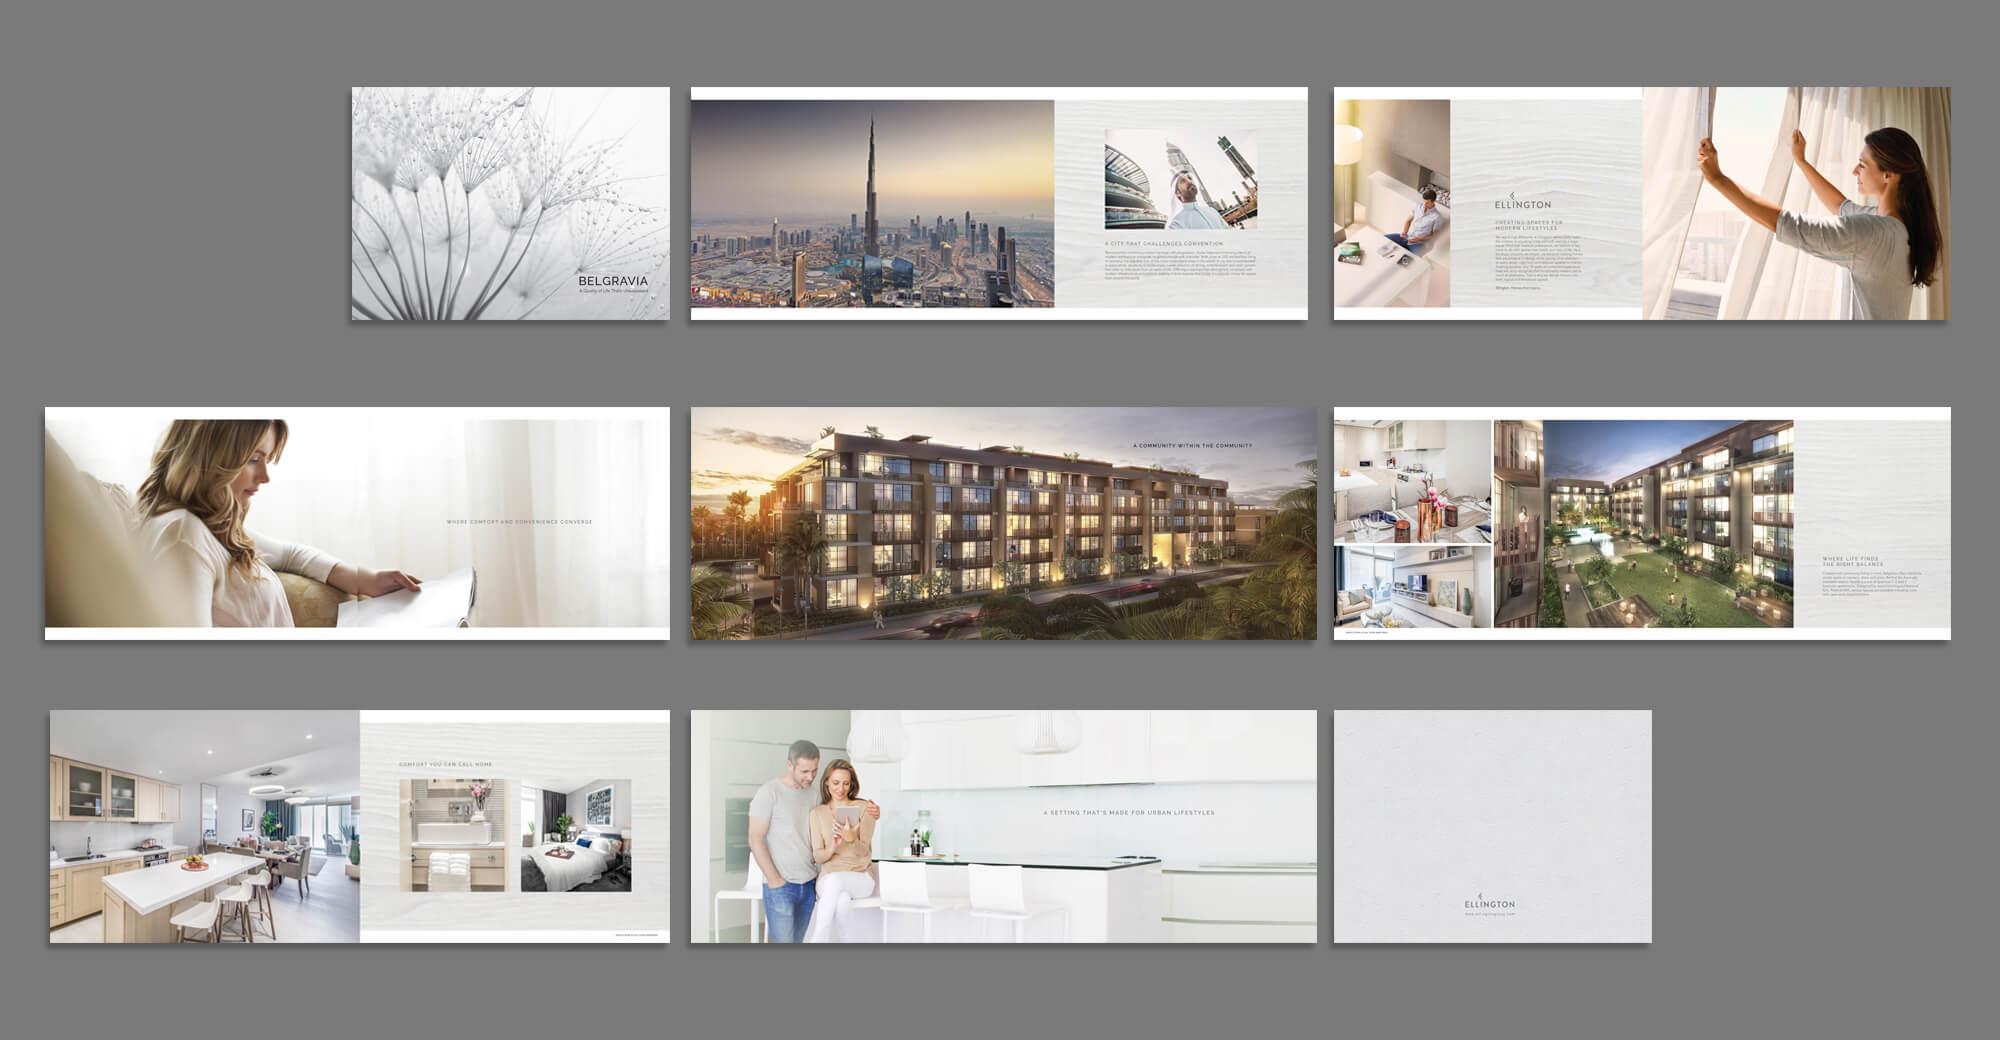 Belgravia – Brochure Design